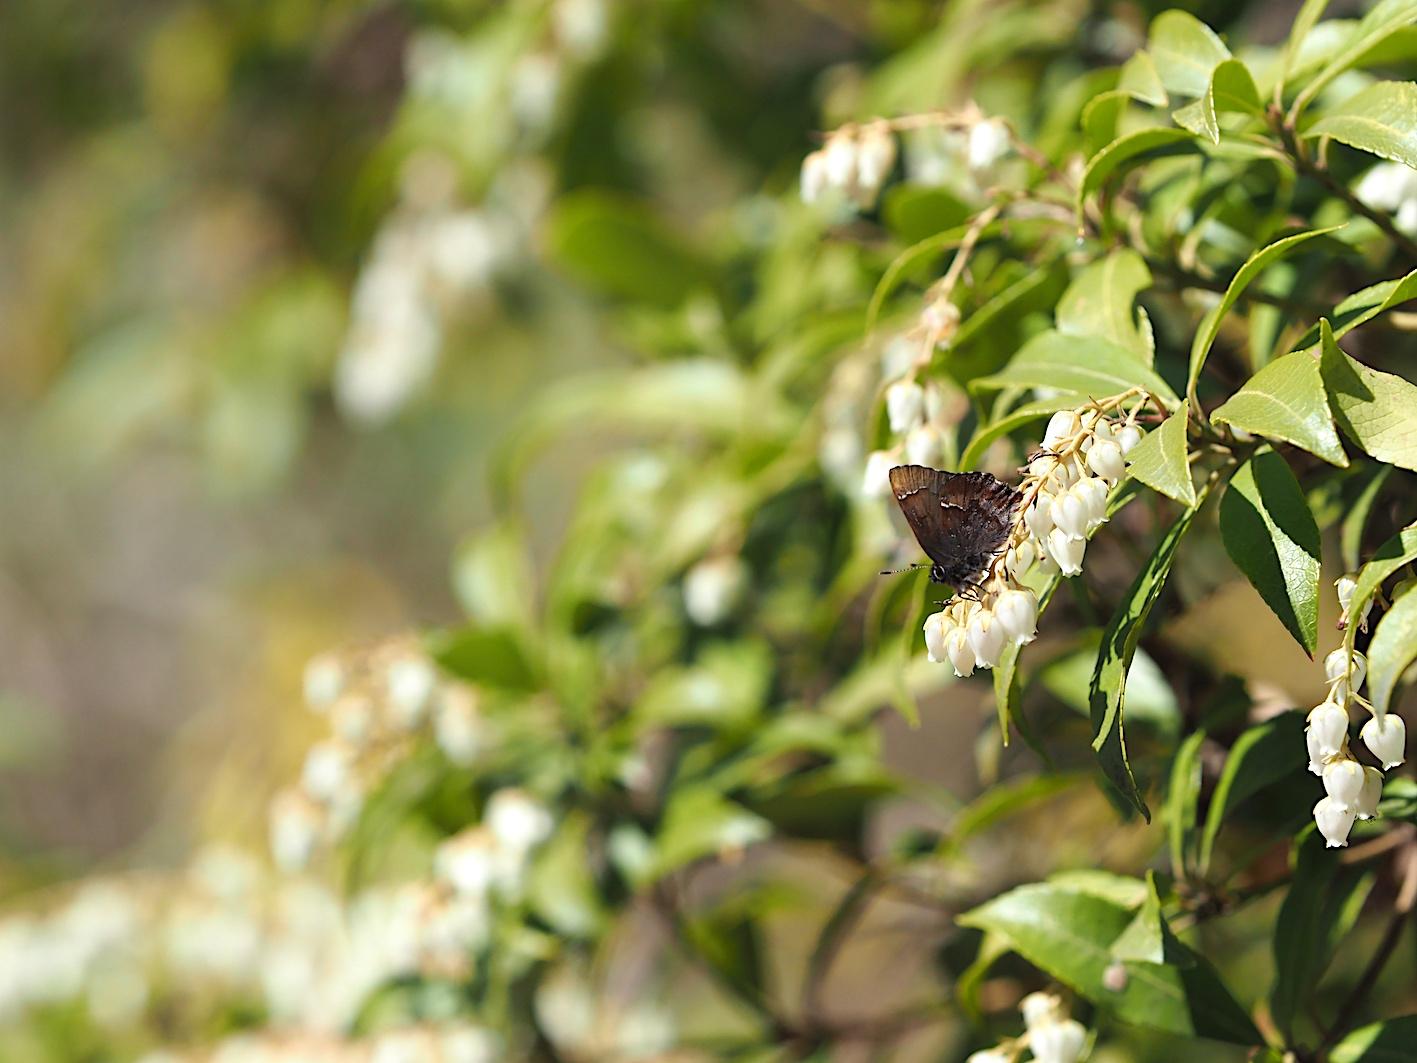 アセビにくる蝶たち、コツバメ(2019年3月27日)_d0303129_14182767.jpg